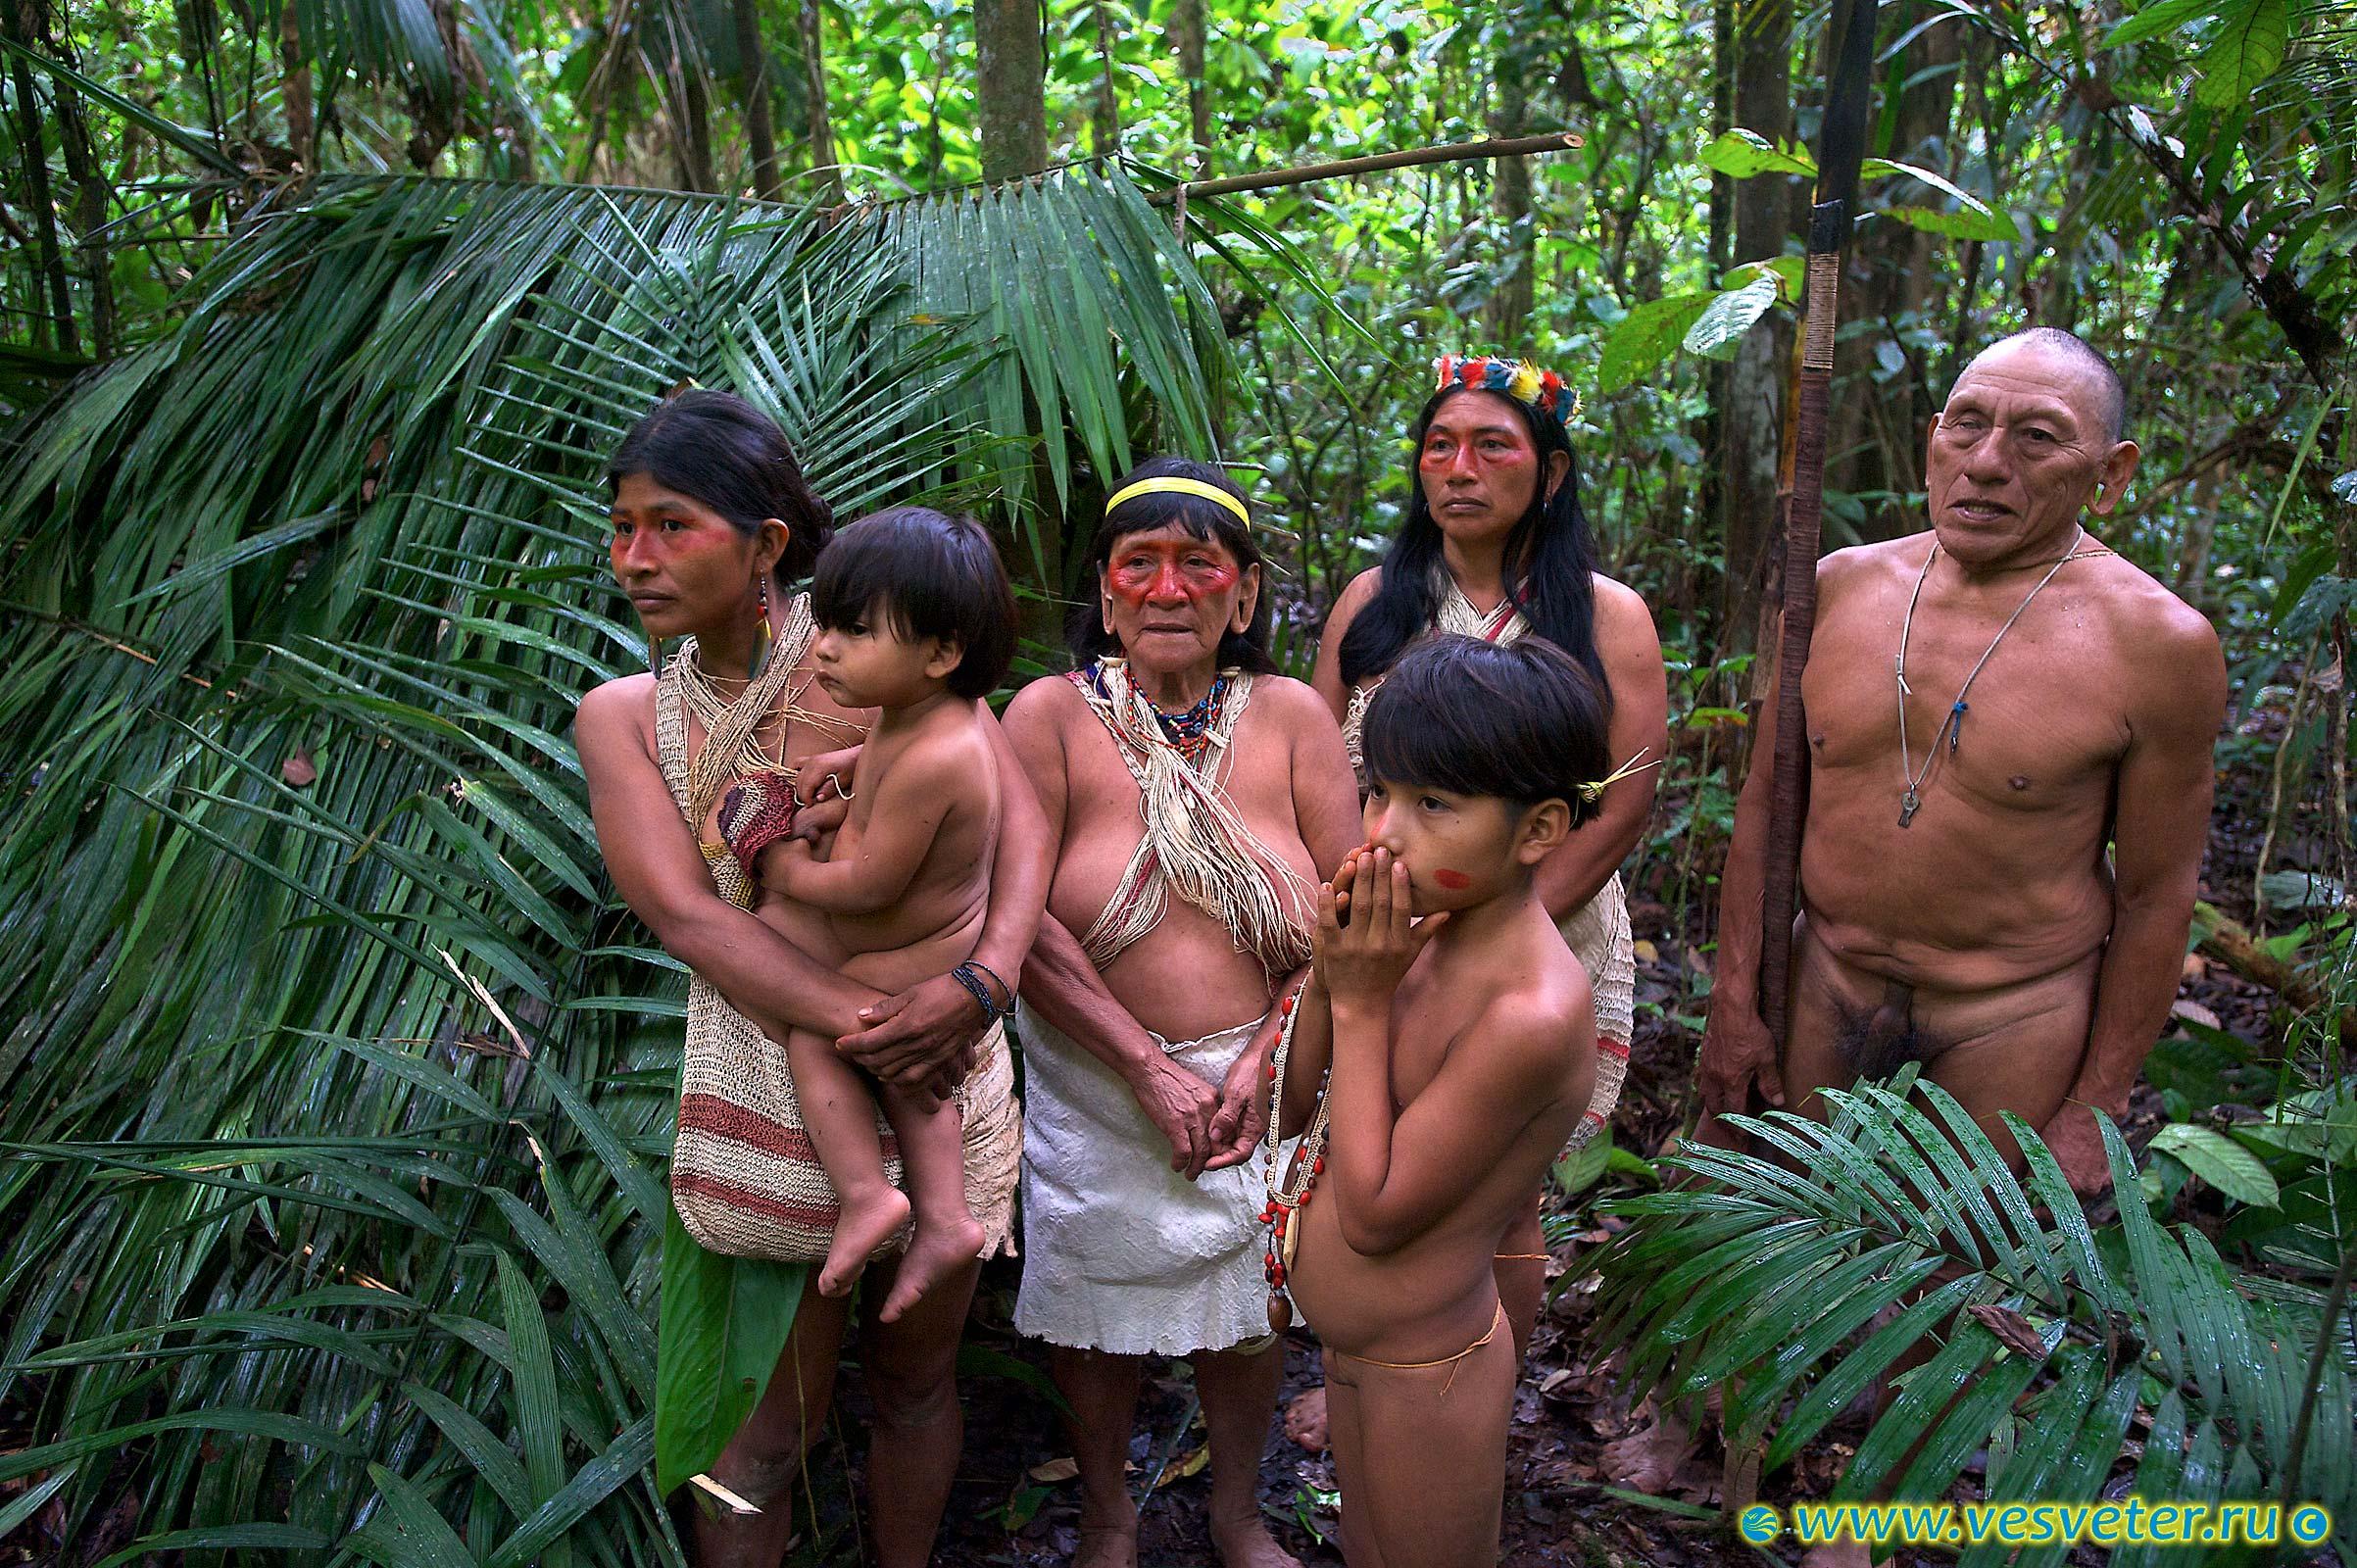 Сексуальные ритуалы жителей амазонии